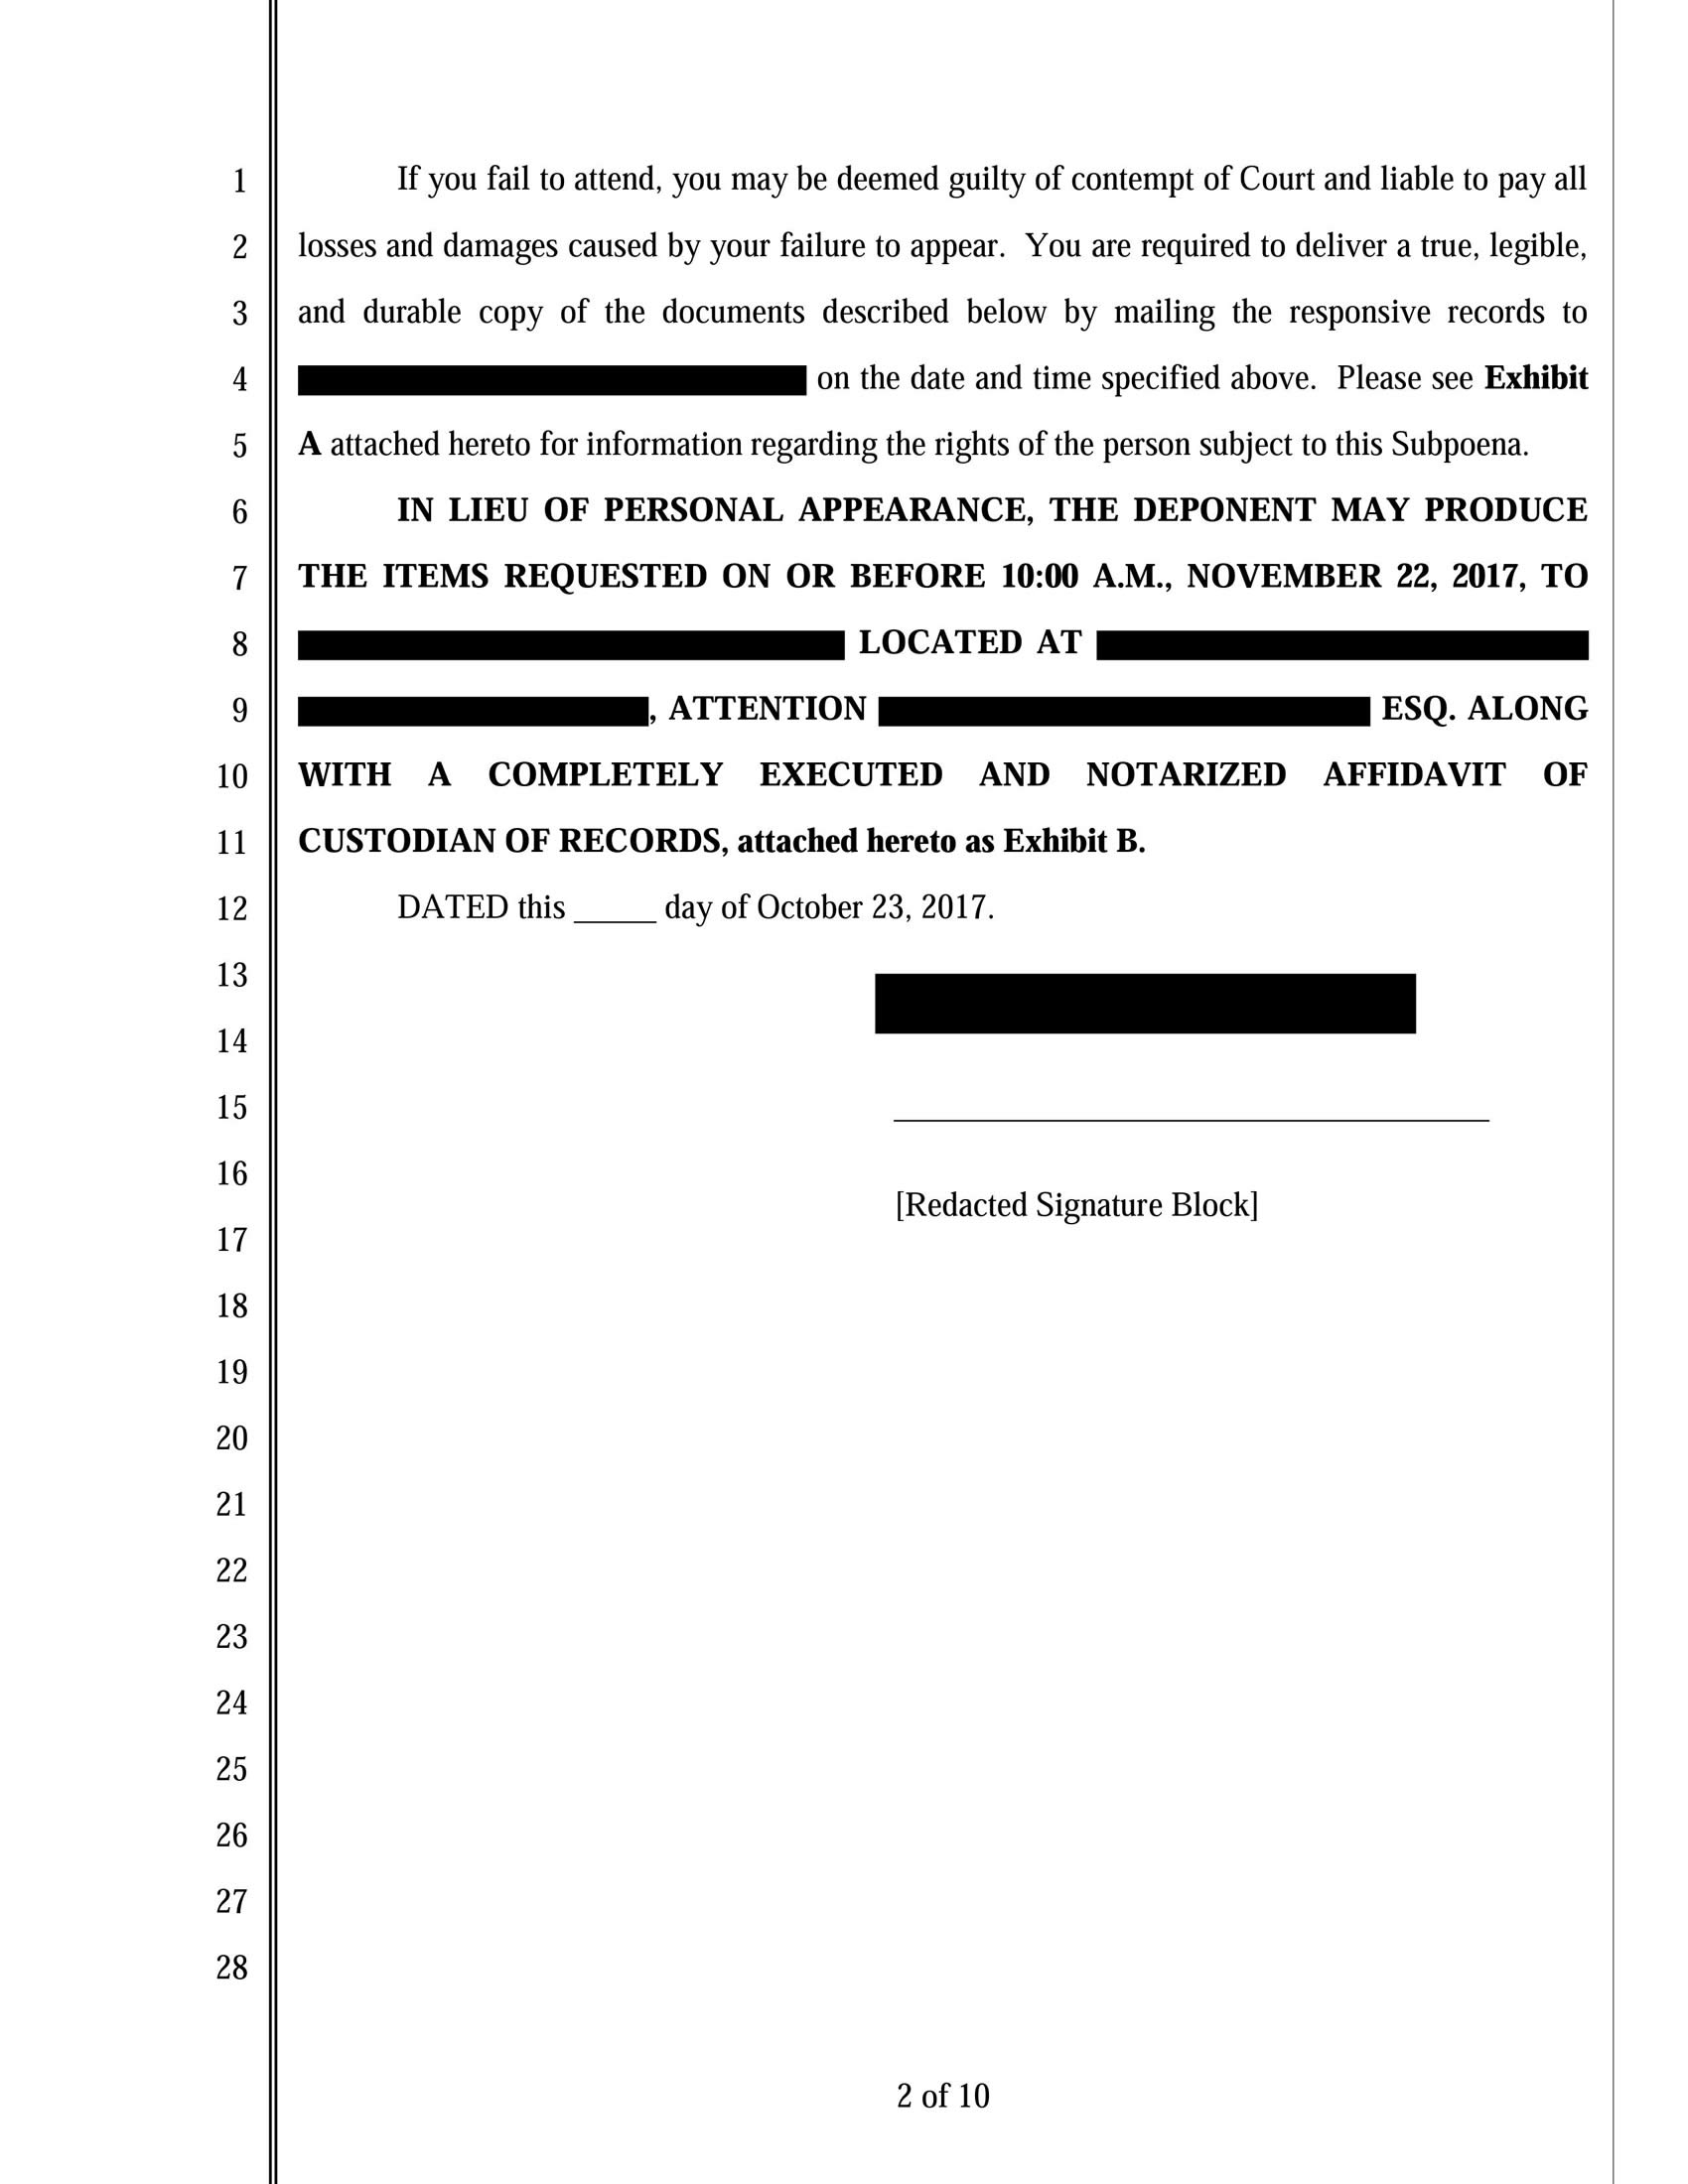 Subpoena image